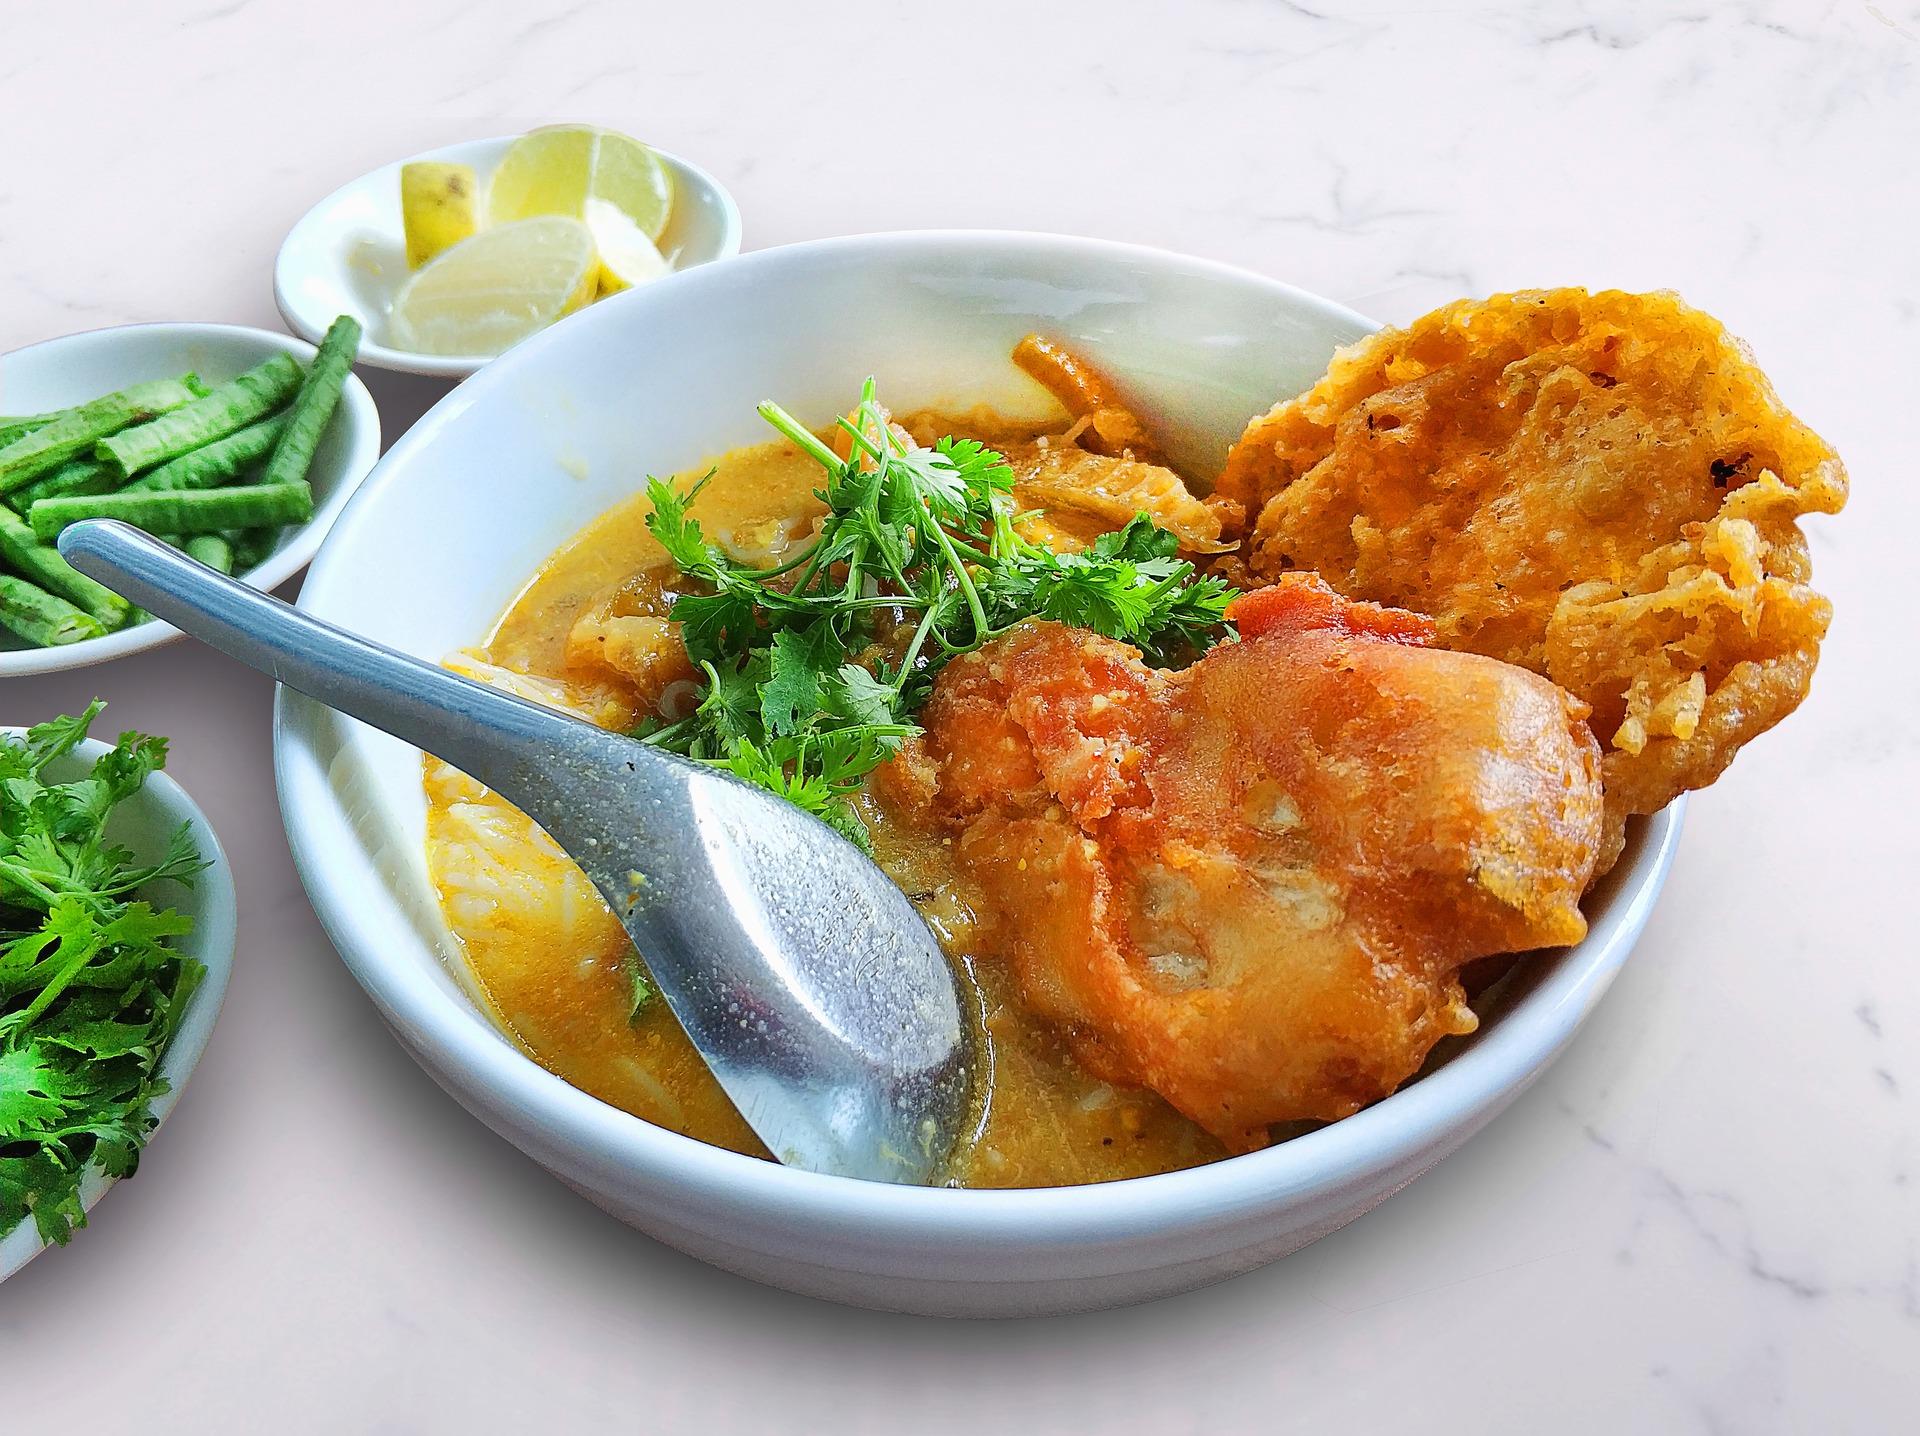 Asiatisches Essen 2 Go und Lebensmittel